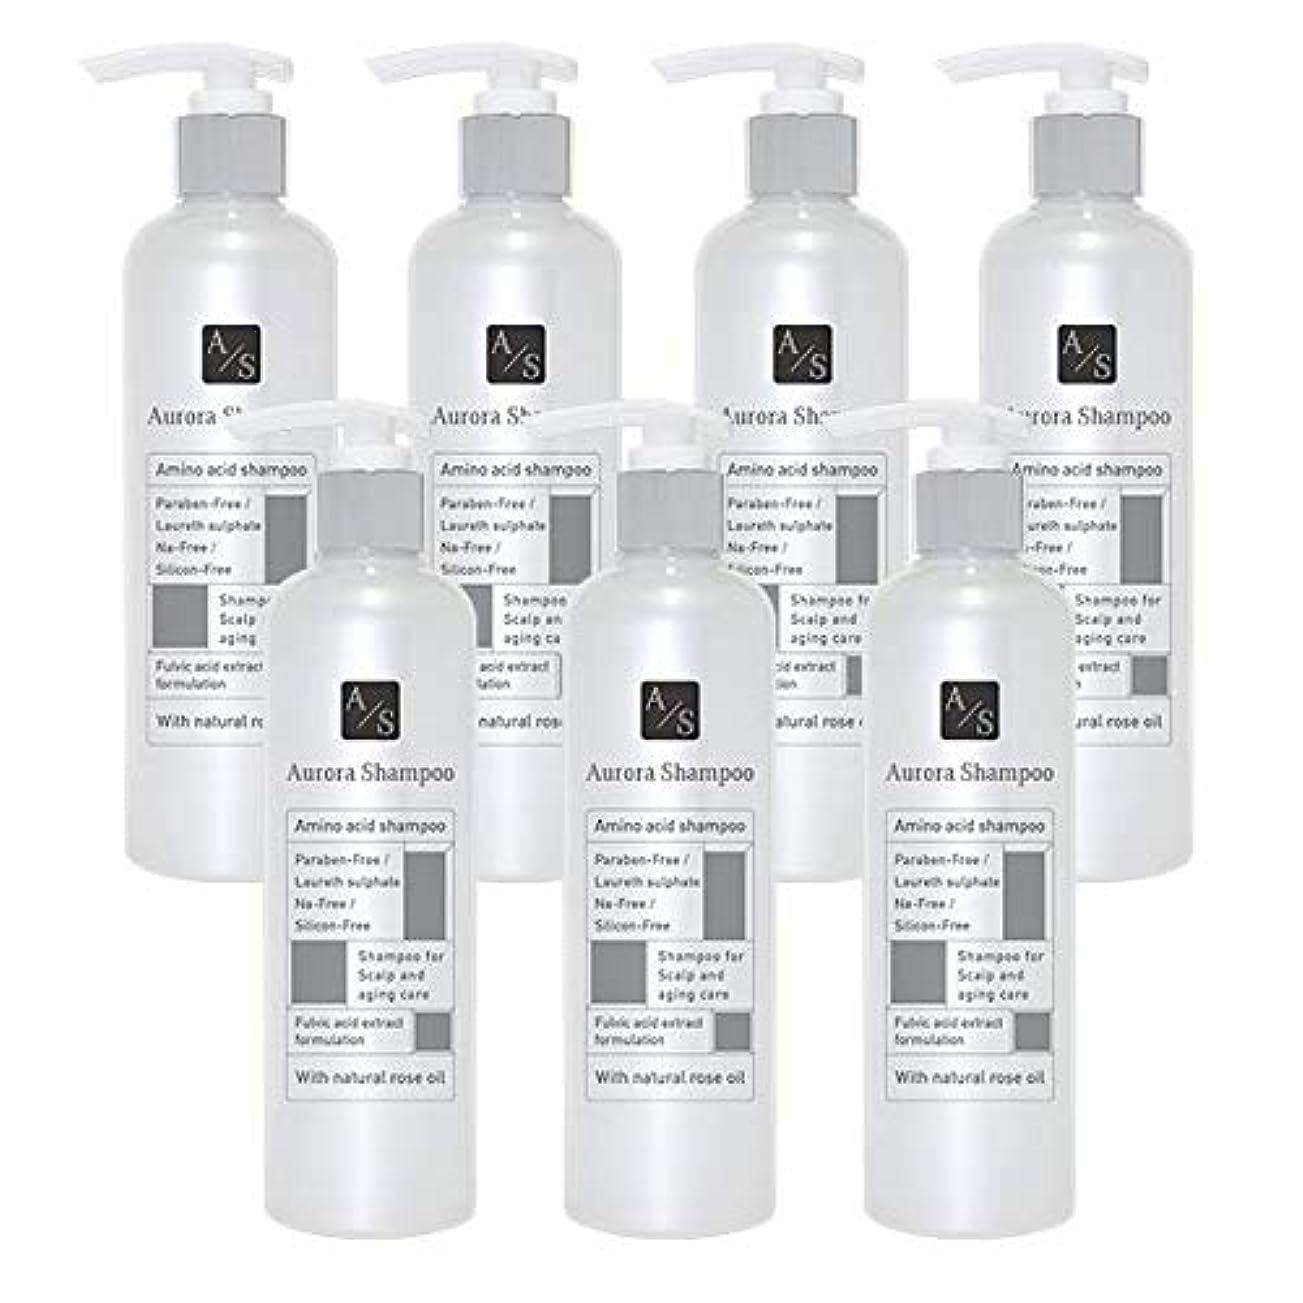 相反する欺くバレエジャポン「オーロラシャンプー」フルボ酸 ミノキシジル誘導体 スカルプケア オーガニックアミノ酸シャンプー300ml (7本限定ラベル)